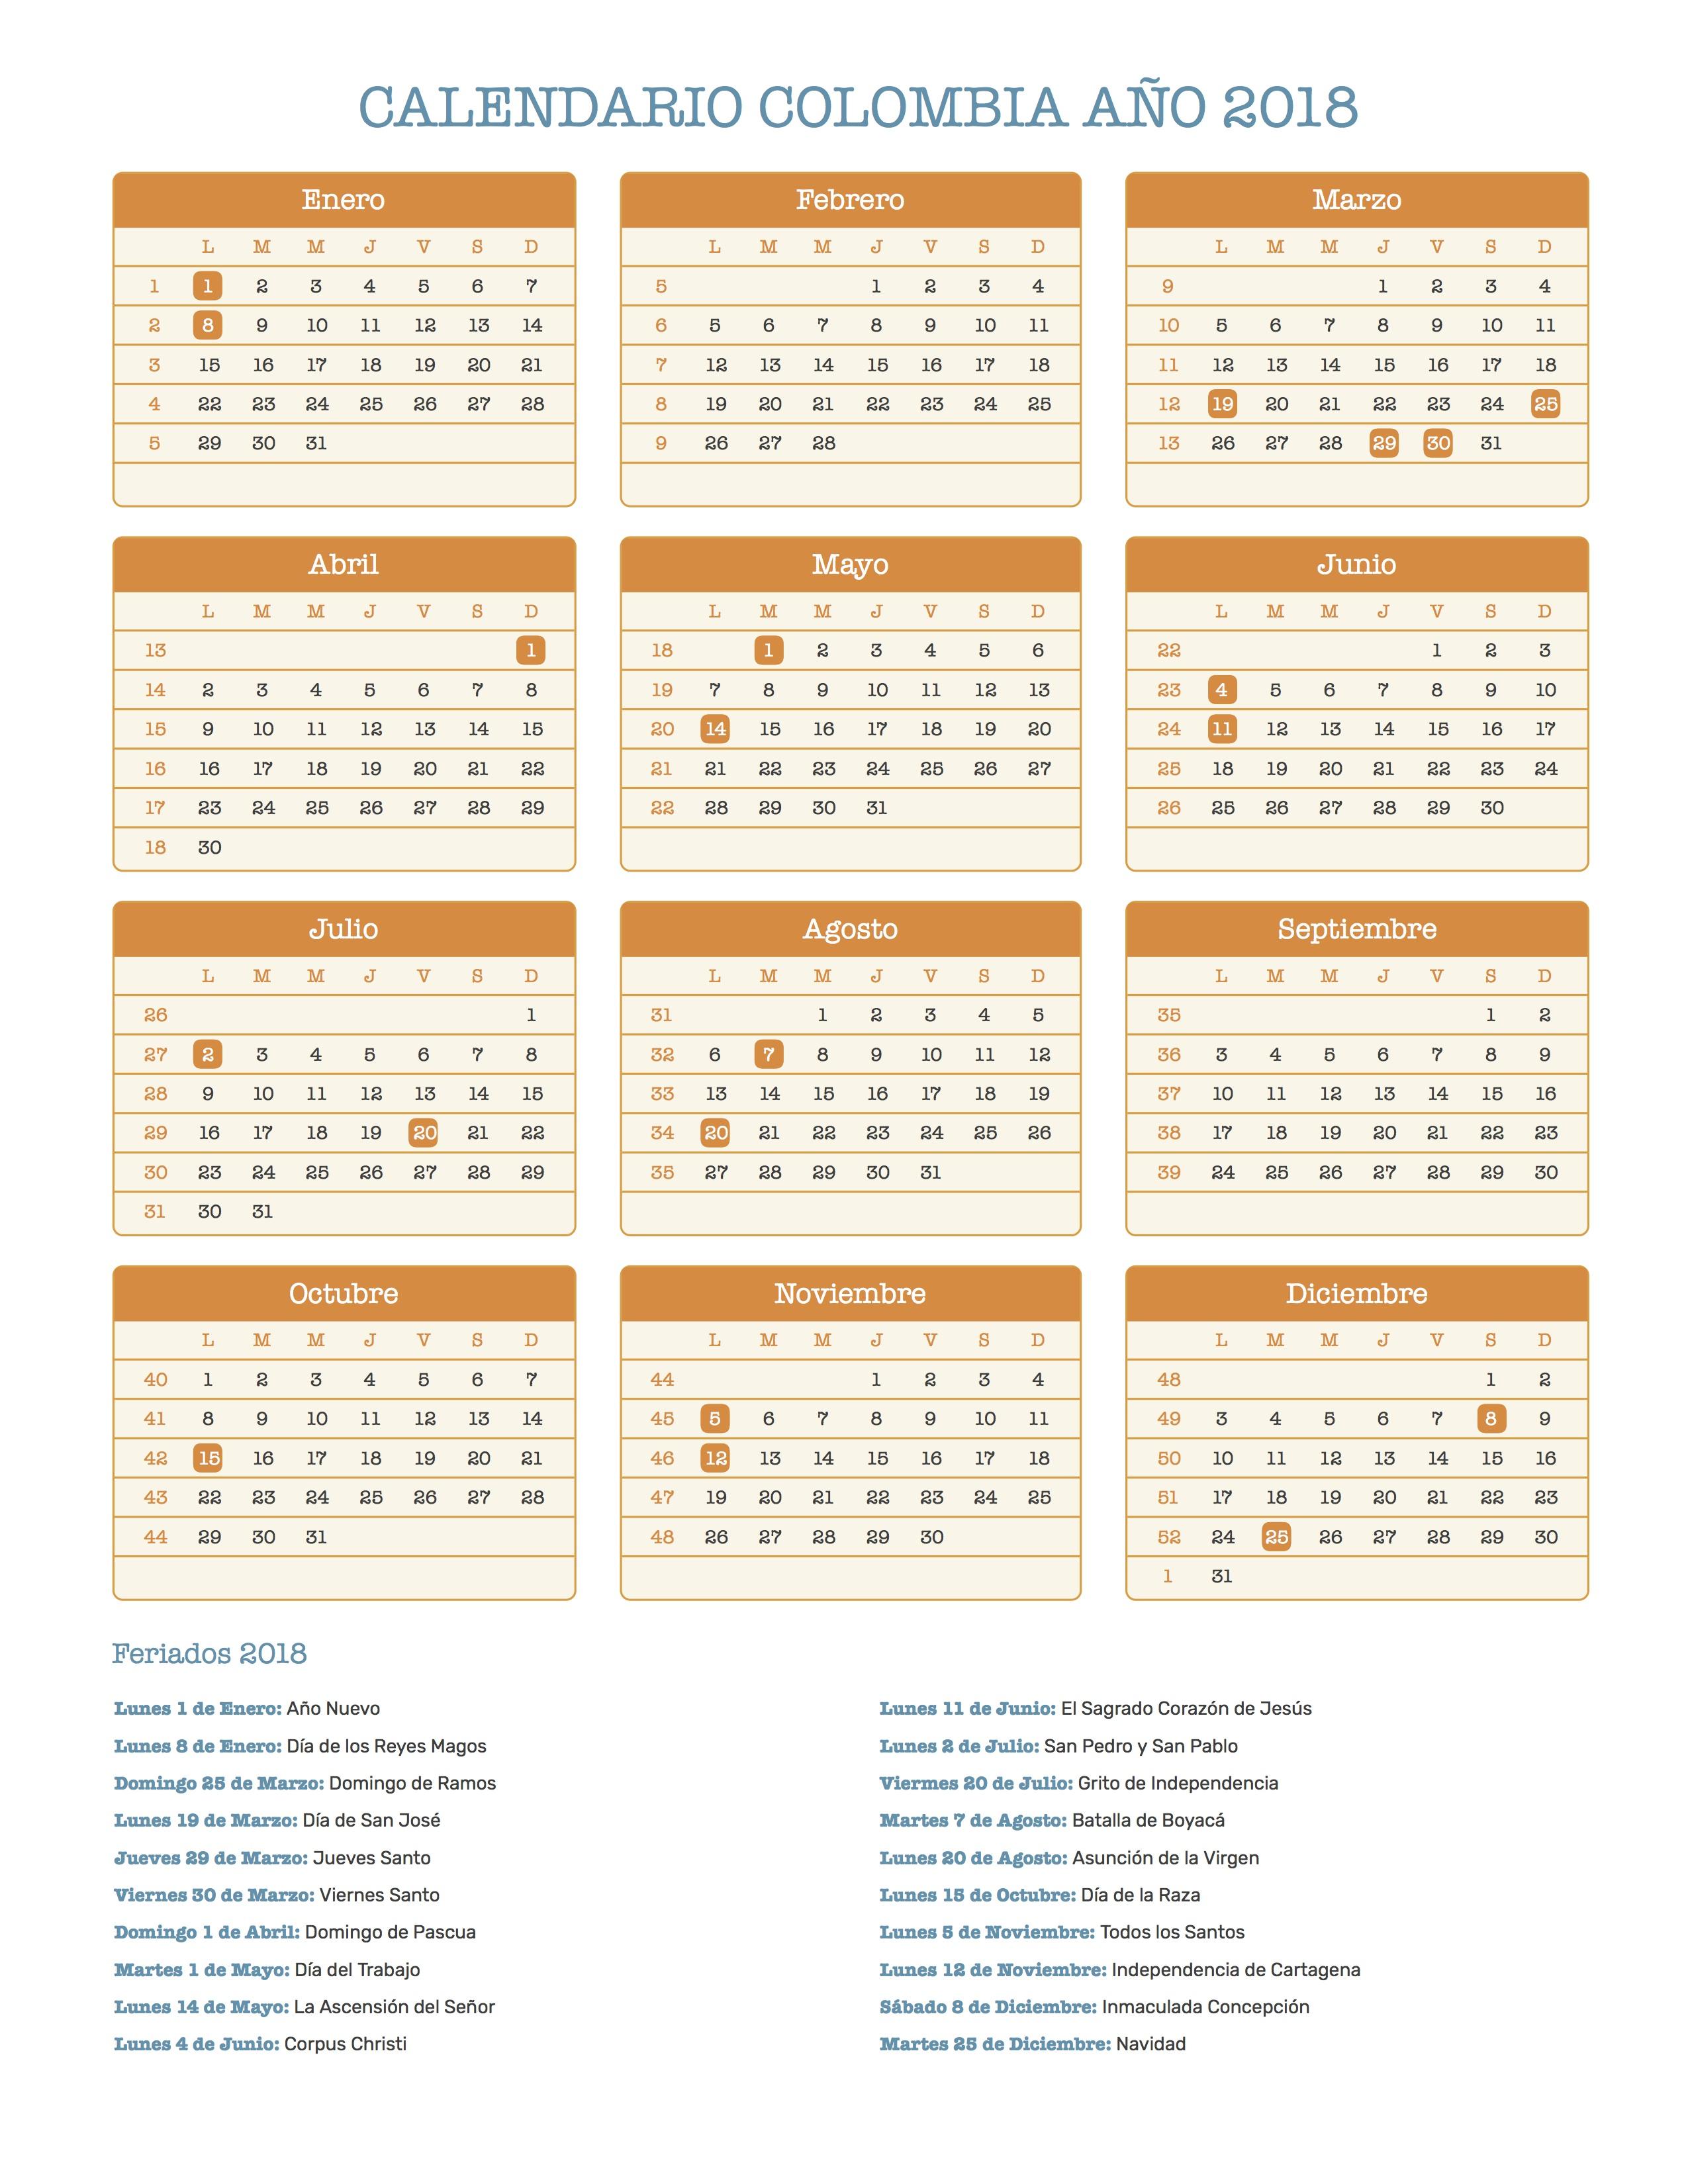 Calendario Colombia 2019 Para Imprimir.Calendario De Colombia Ano 2018 Feriados